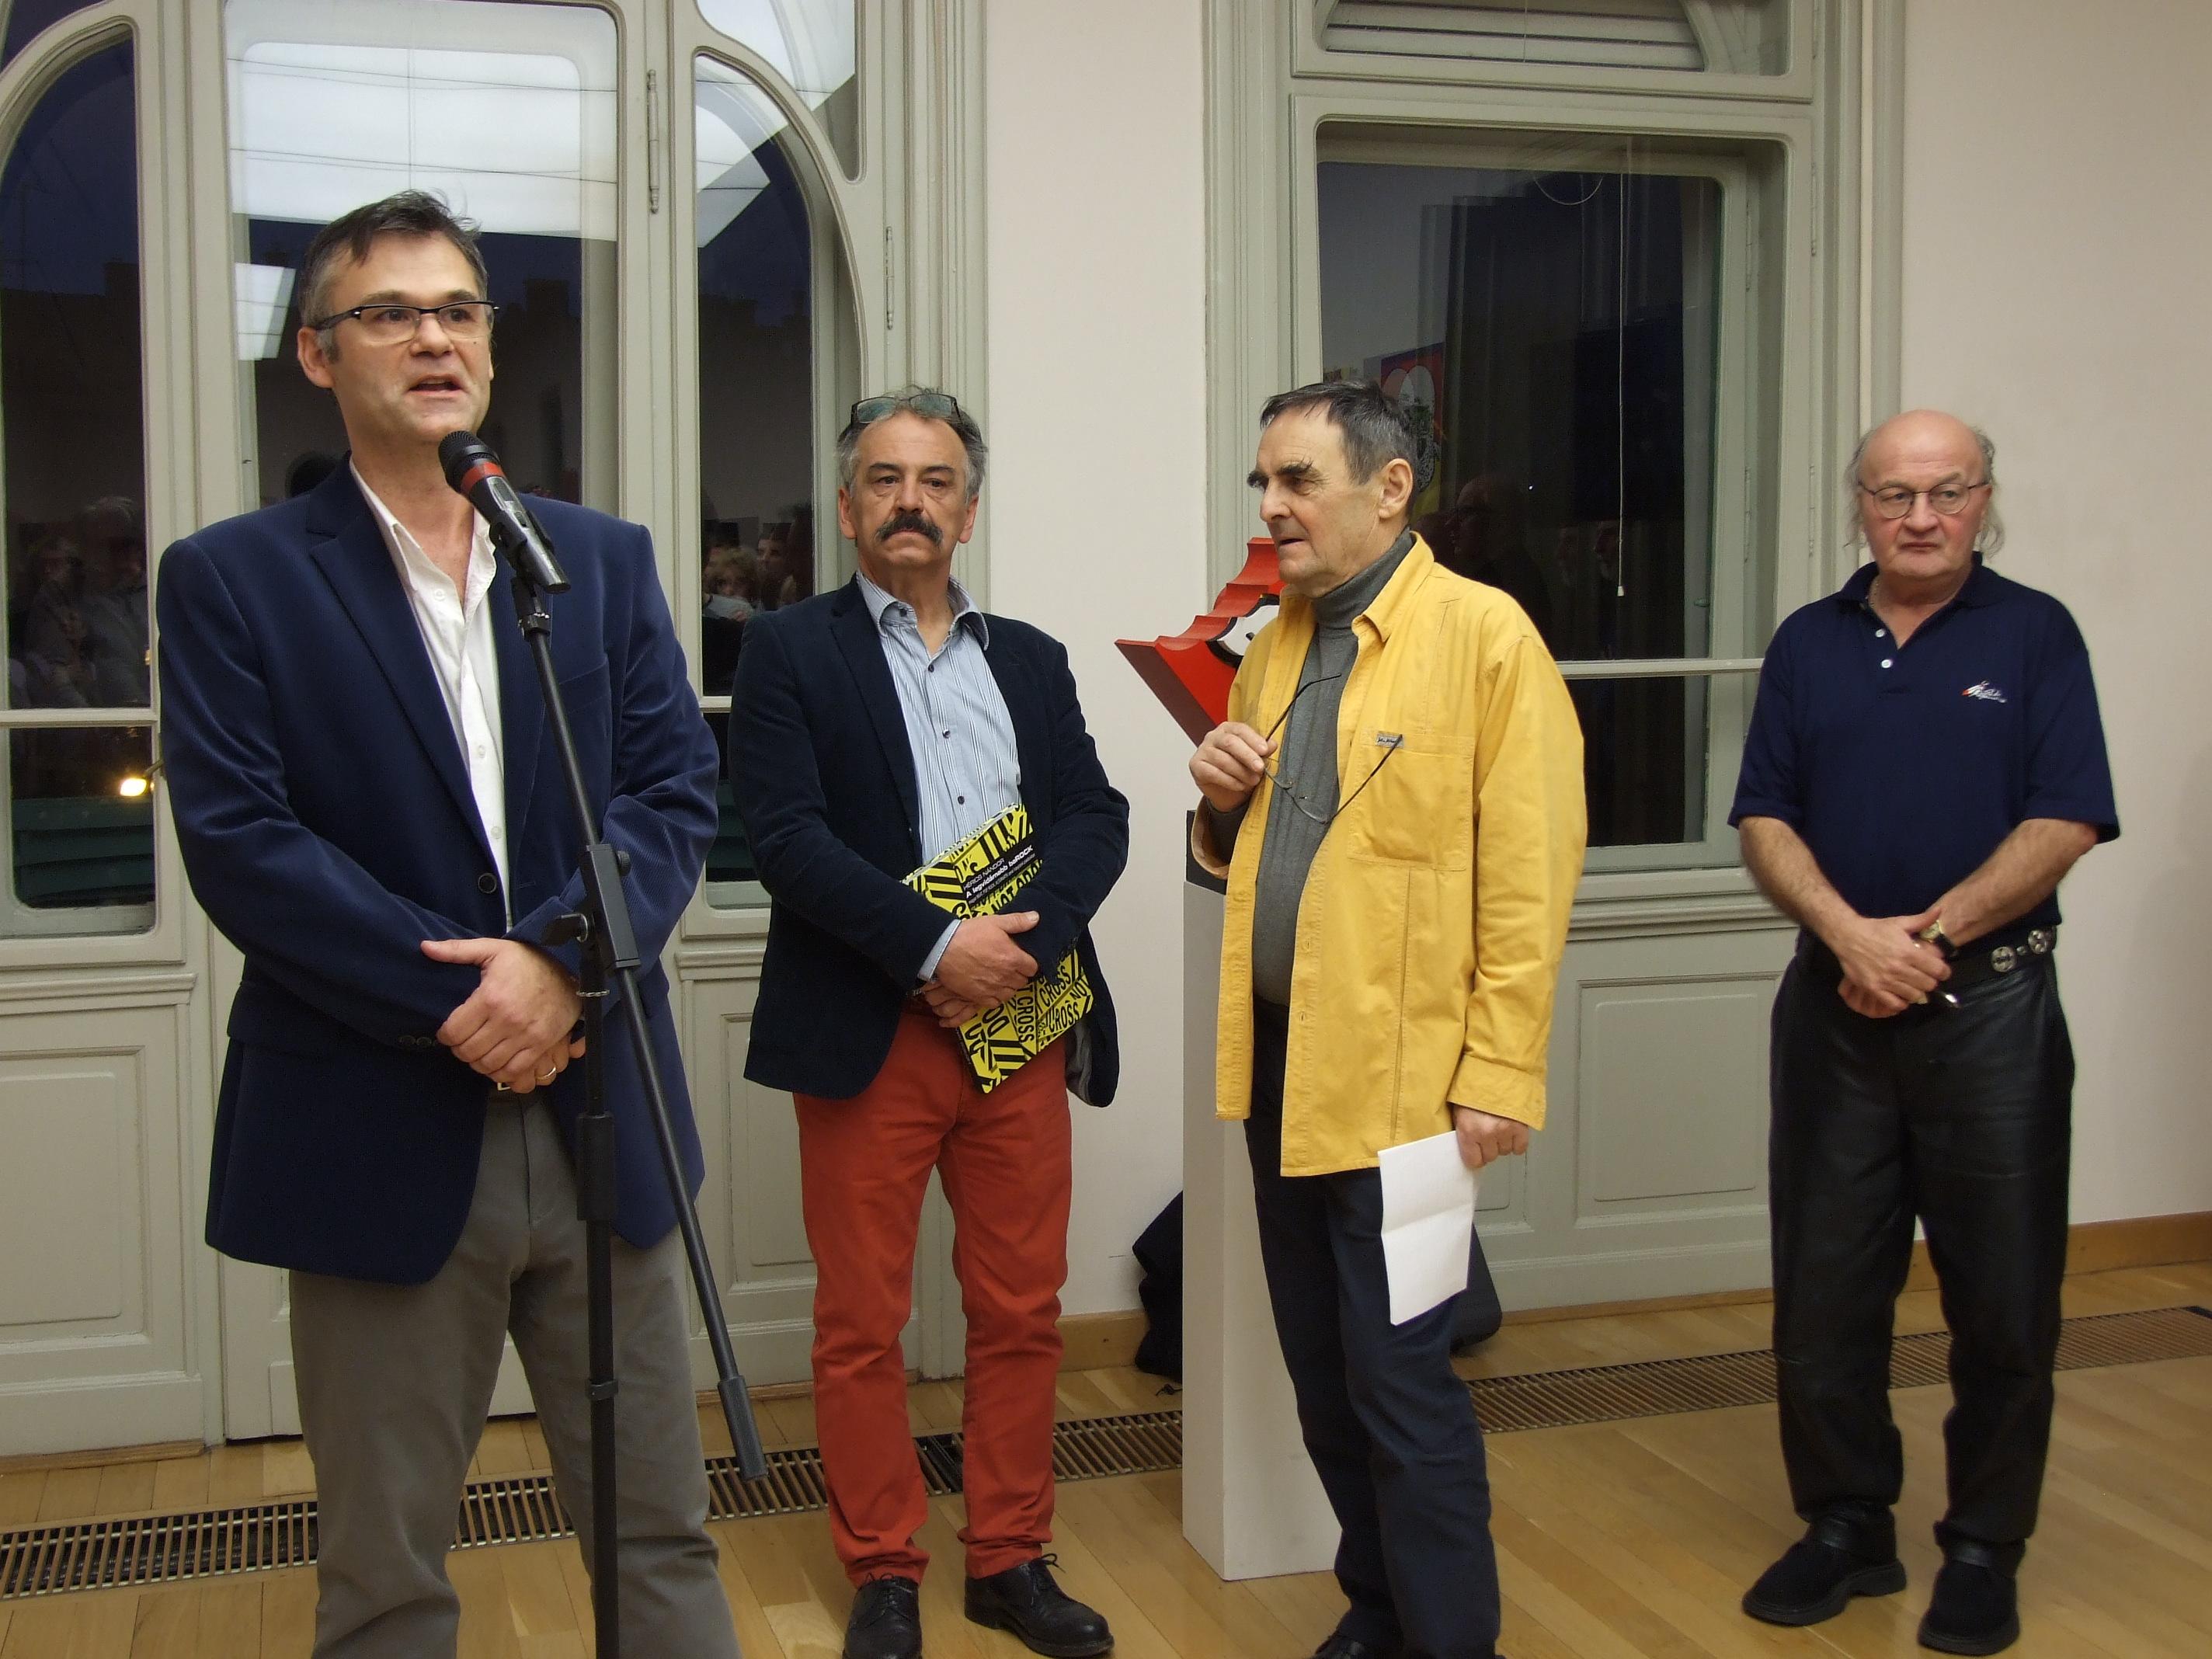 P. Szabó Ernő megnyitóbeszéde Hérics Nándor kiállításán